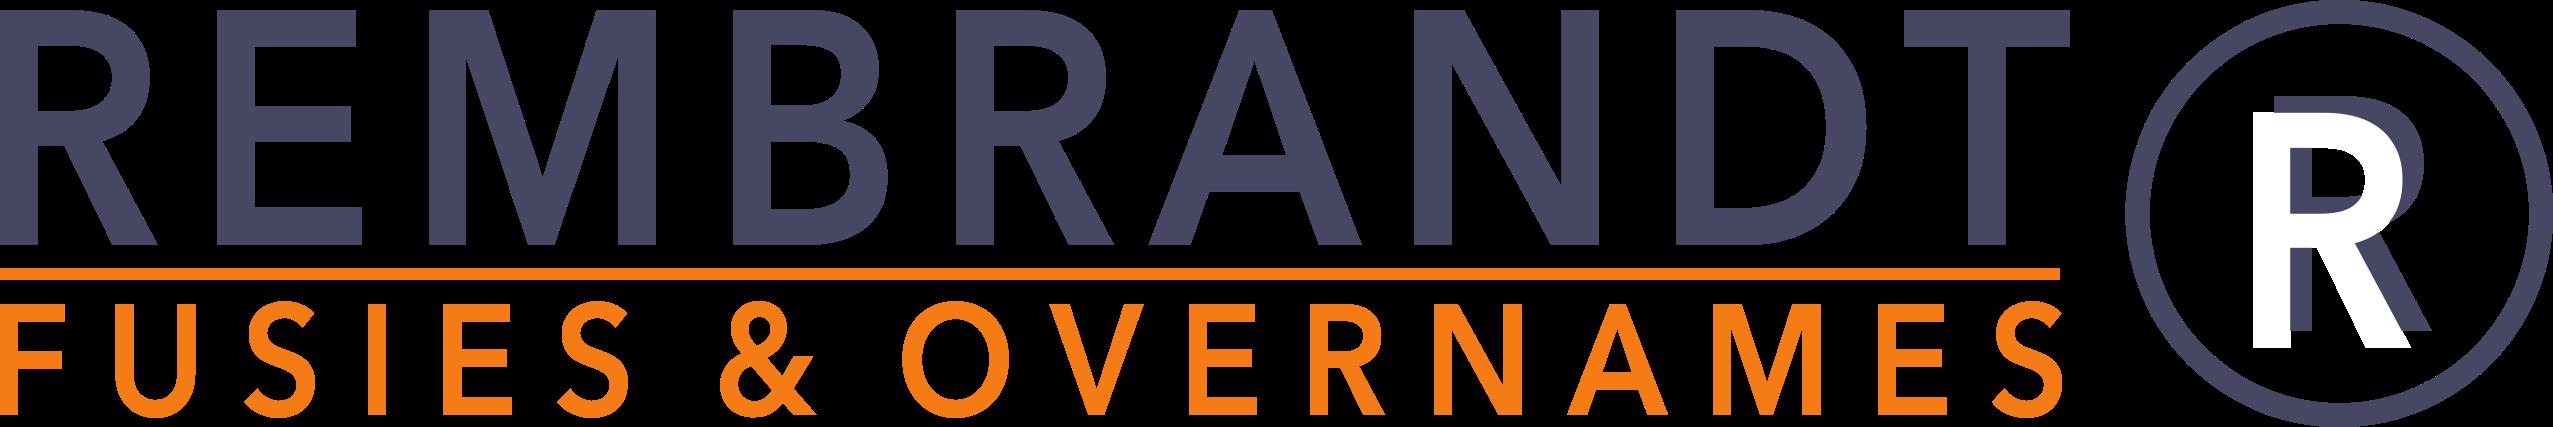 Rembrandt logo